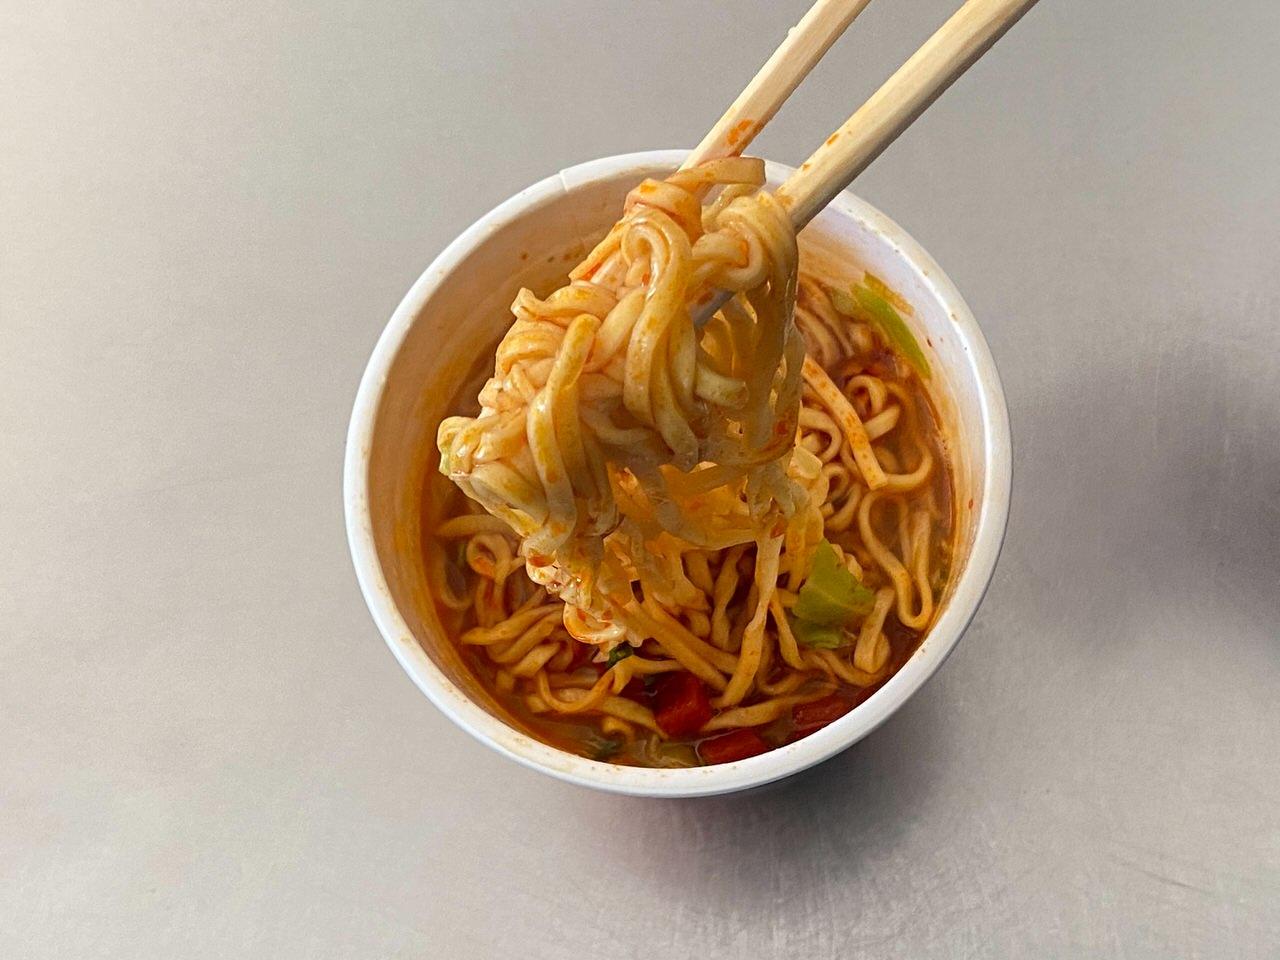 【中本】「蒙古トマタン」蒙古タンメンの辛旨味噌にトマトの酸味のスープが旨い 09